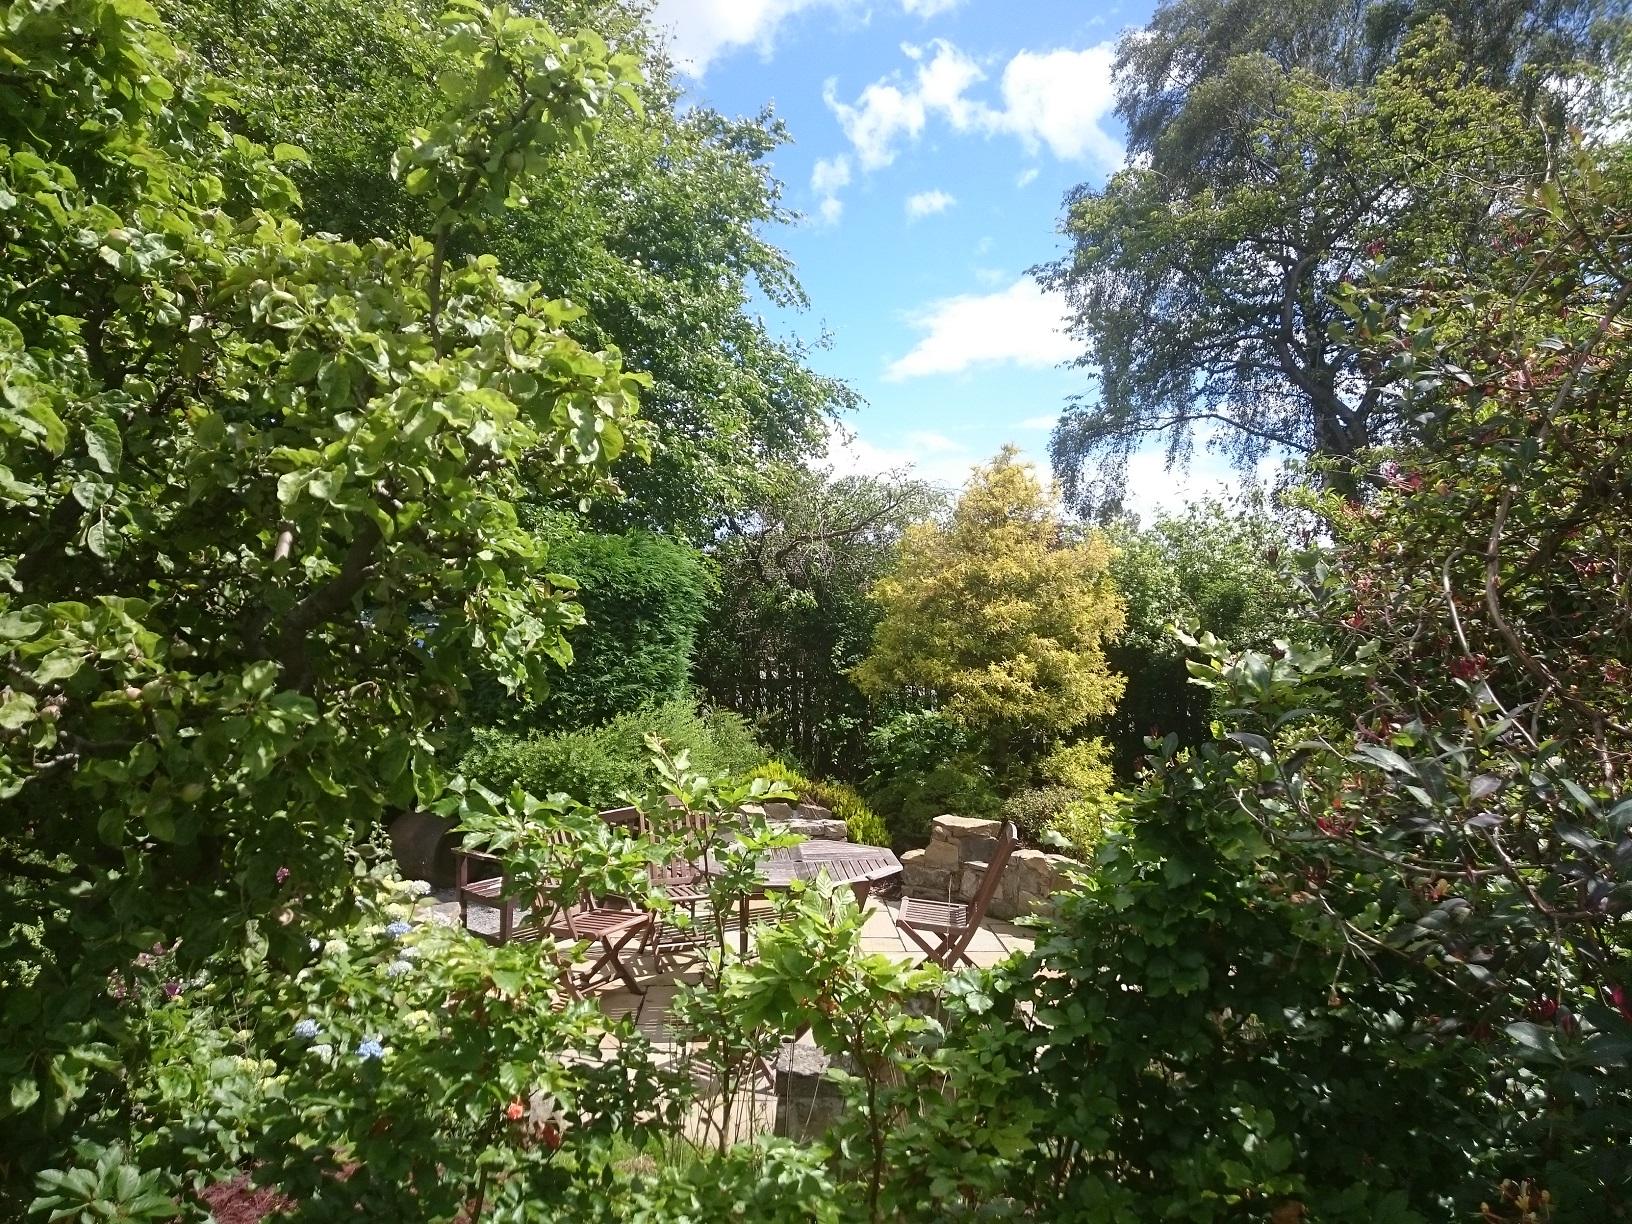 woodland wild garden edinburgh